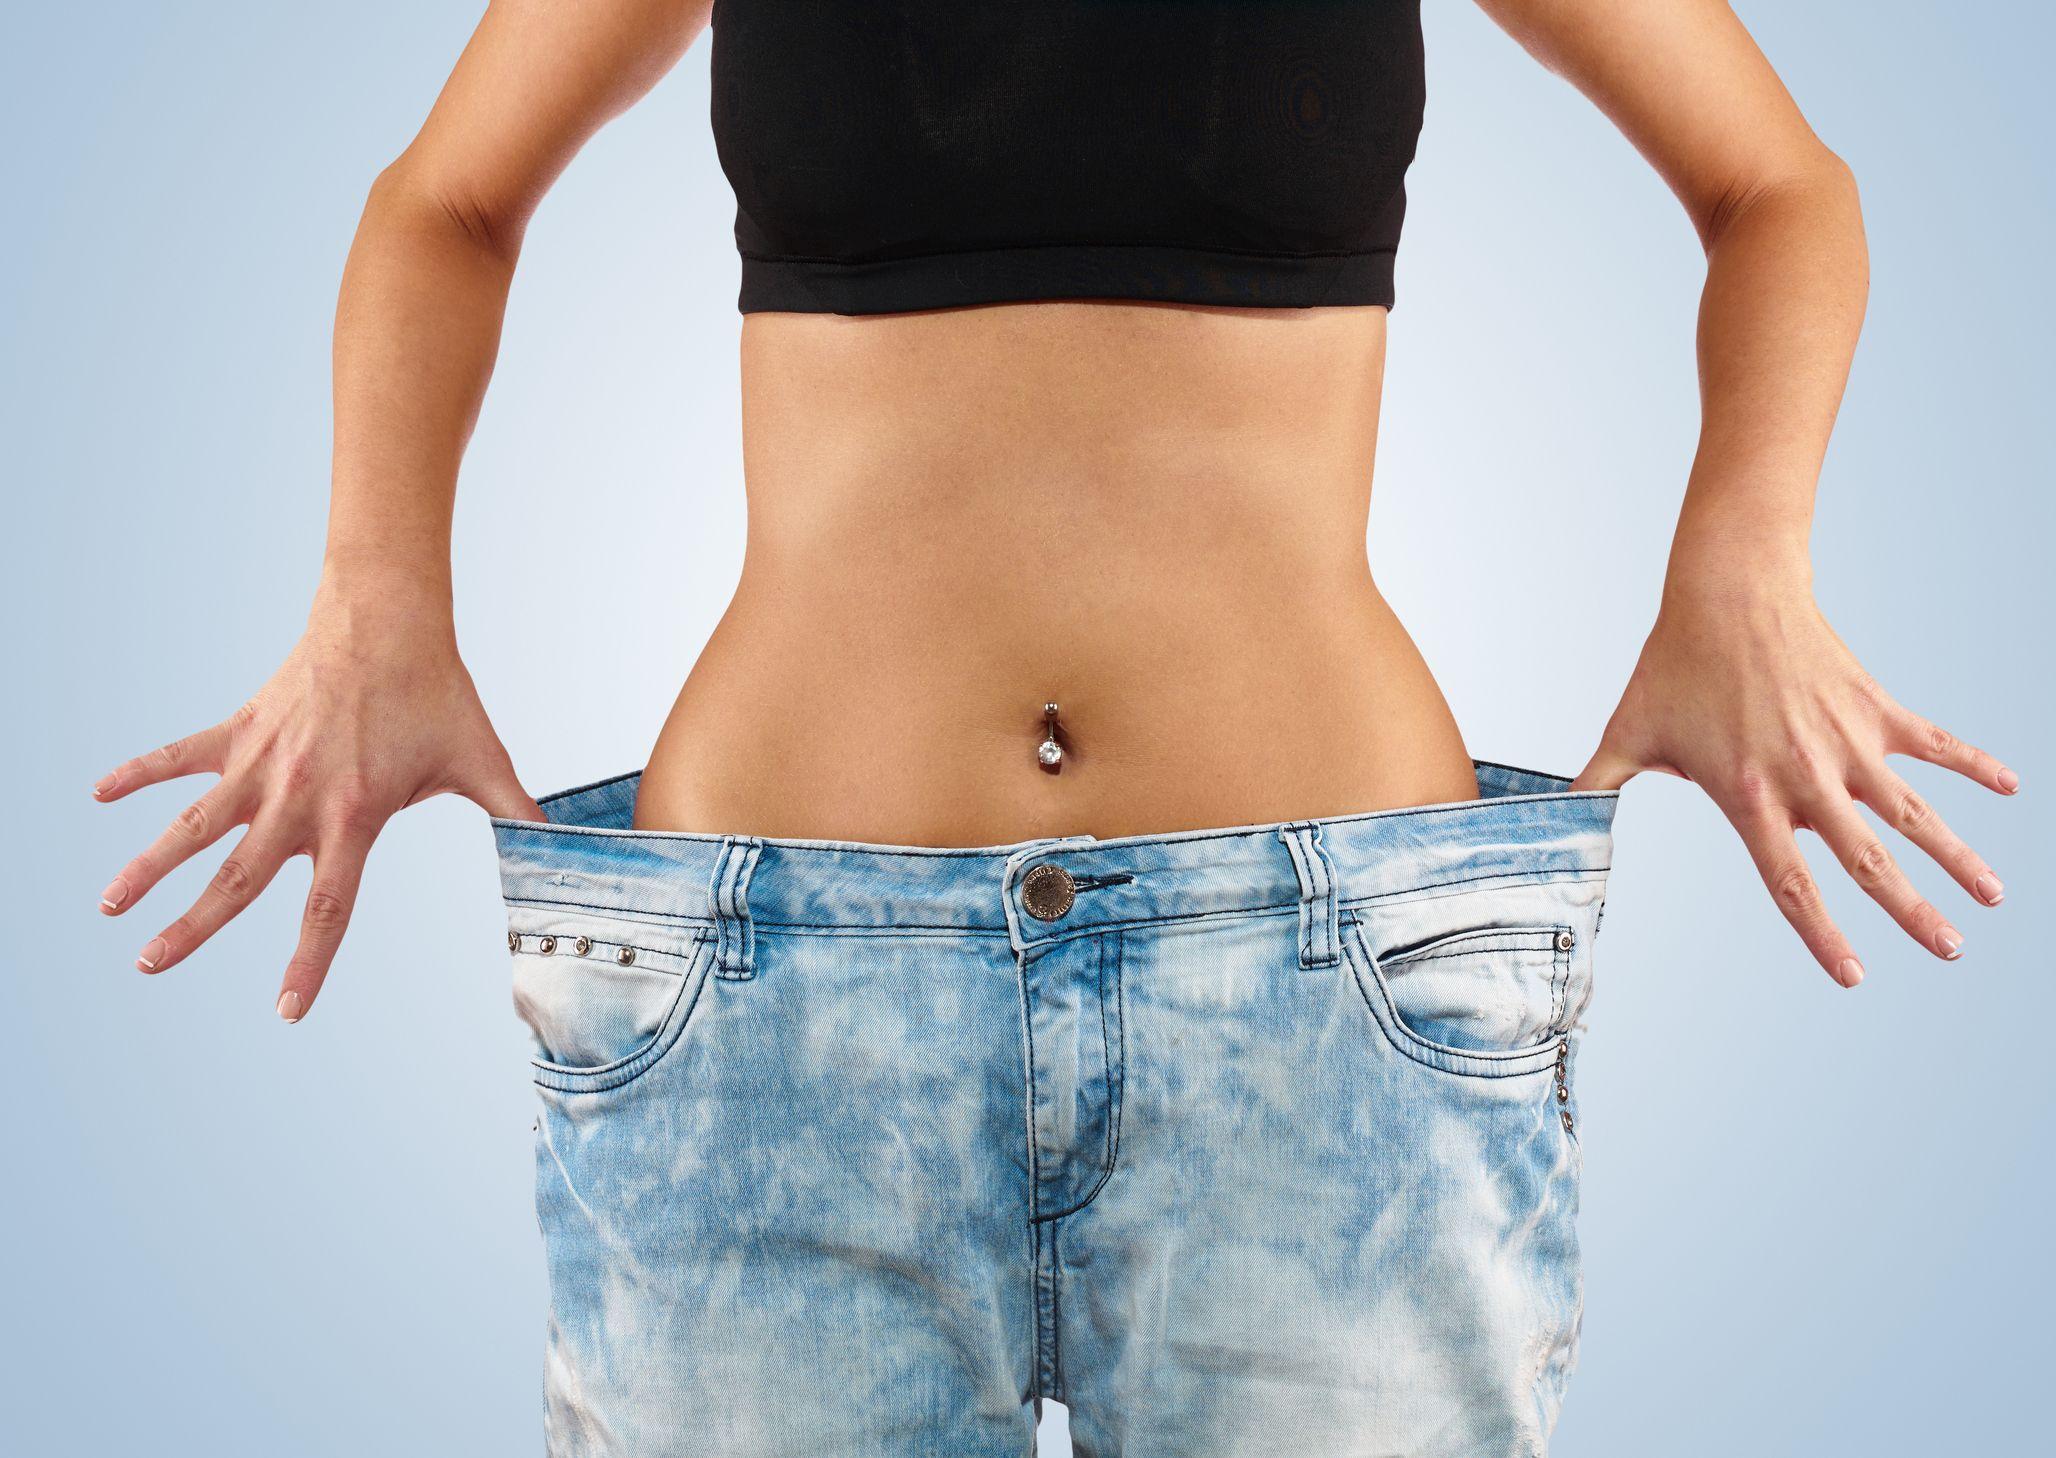 Hogyan lehet lefogyni a hasában, A diéták hizlalnak